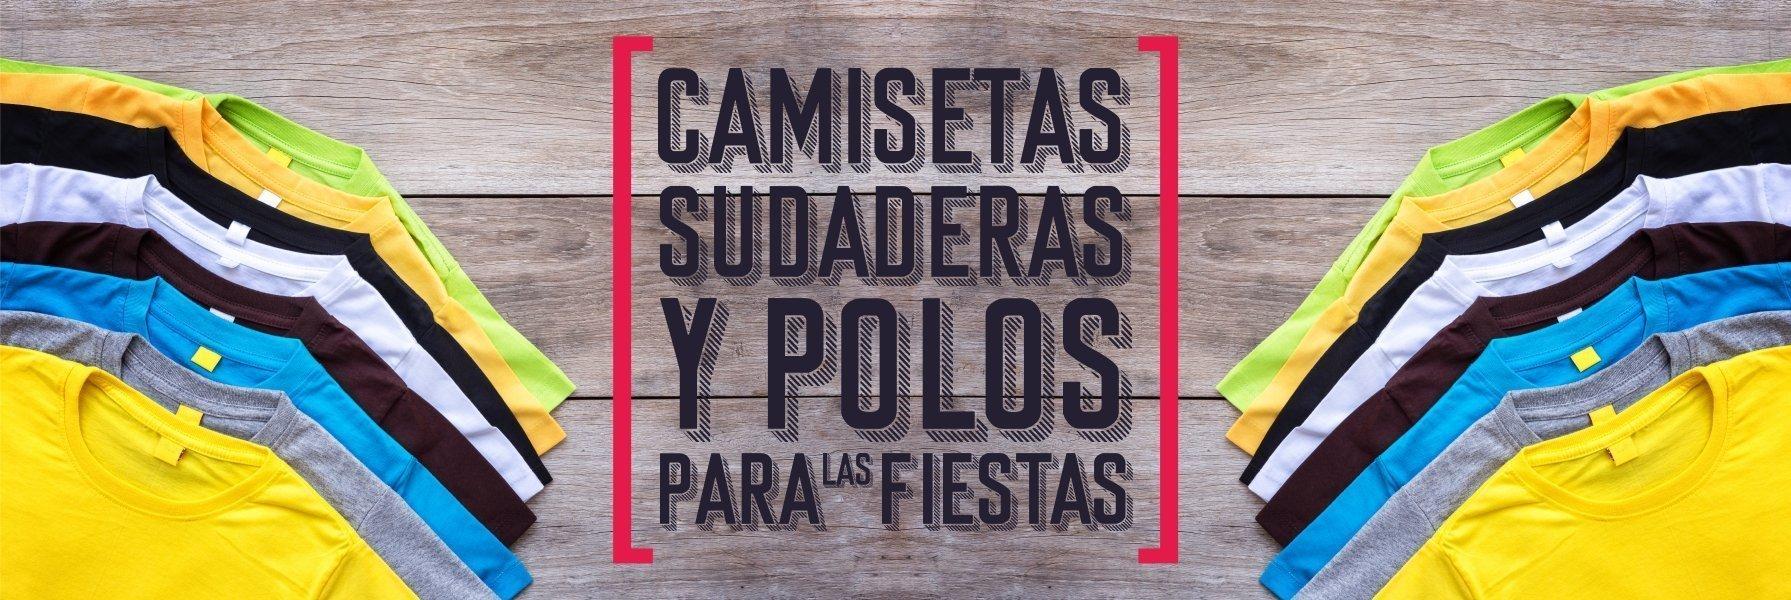 CAMISETAS PARA FIESTAS Y PEÑAS - DEEMESTUDIO